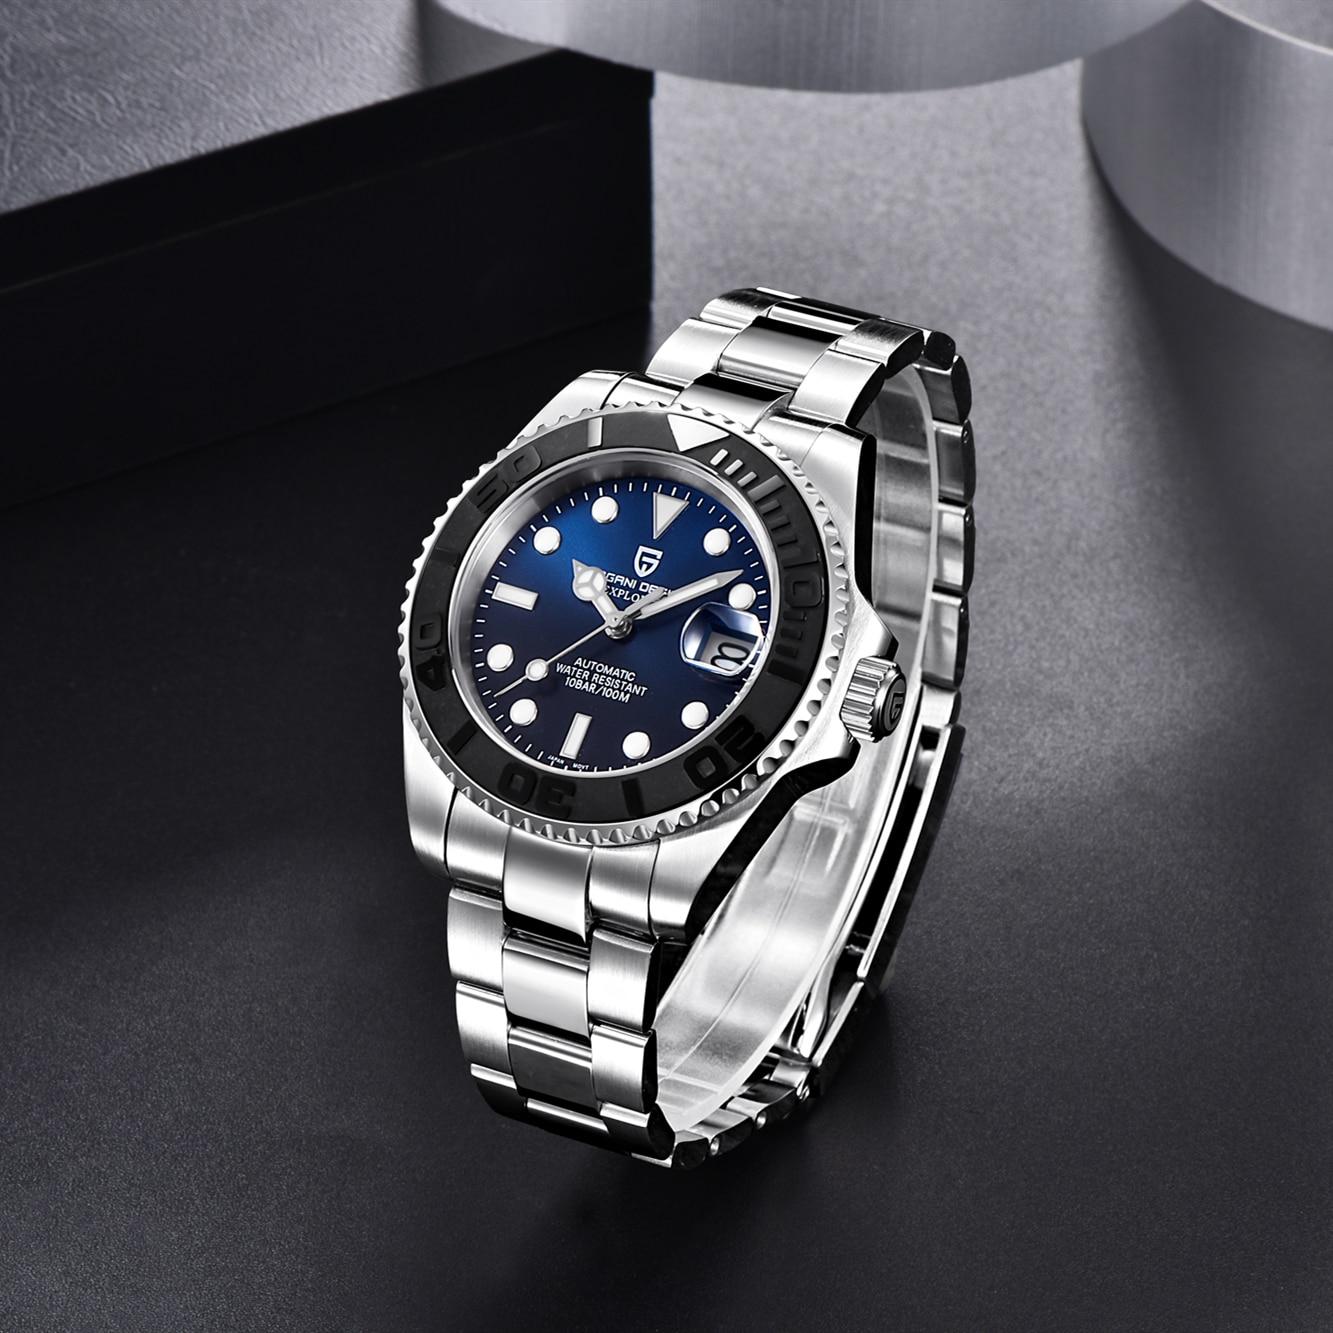 Relógio de Luxo 100m à Prova Pagani Design Safira Vidro Dwaterproof Água 40mm Clássico Automático Japão Nh35a Movimento Relógios Mecânicos